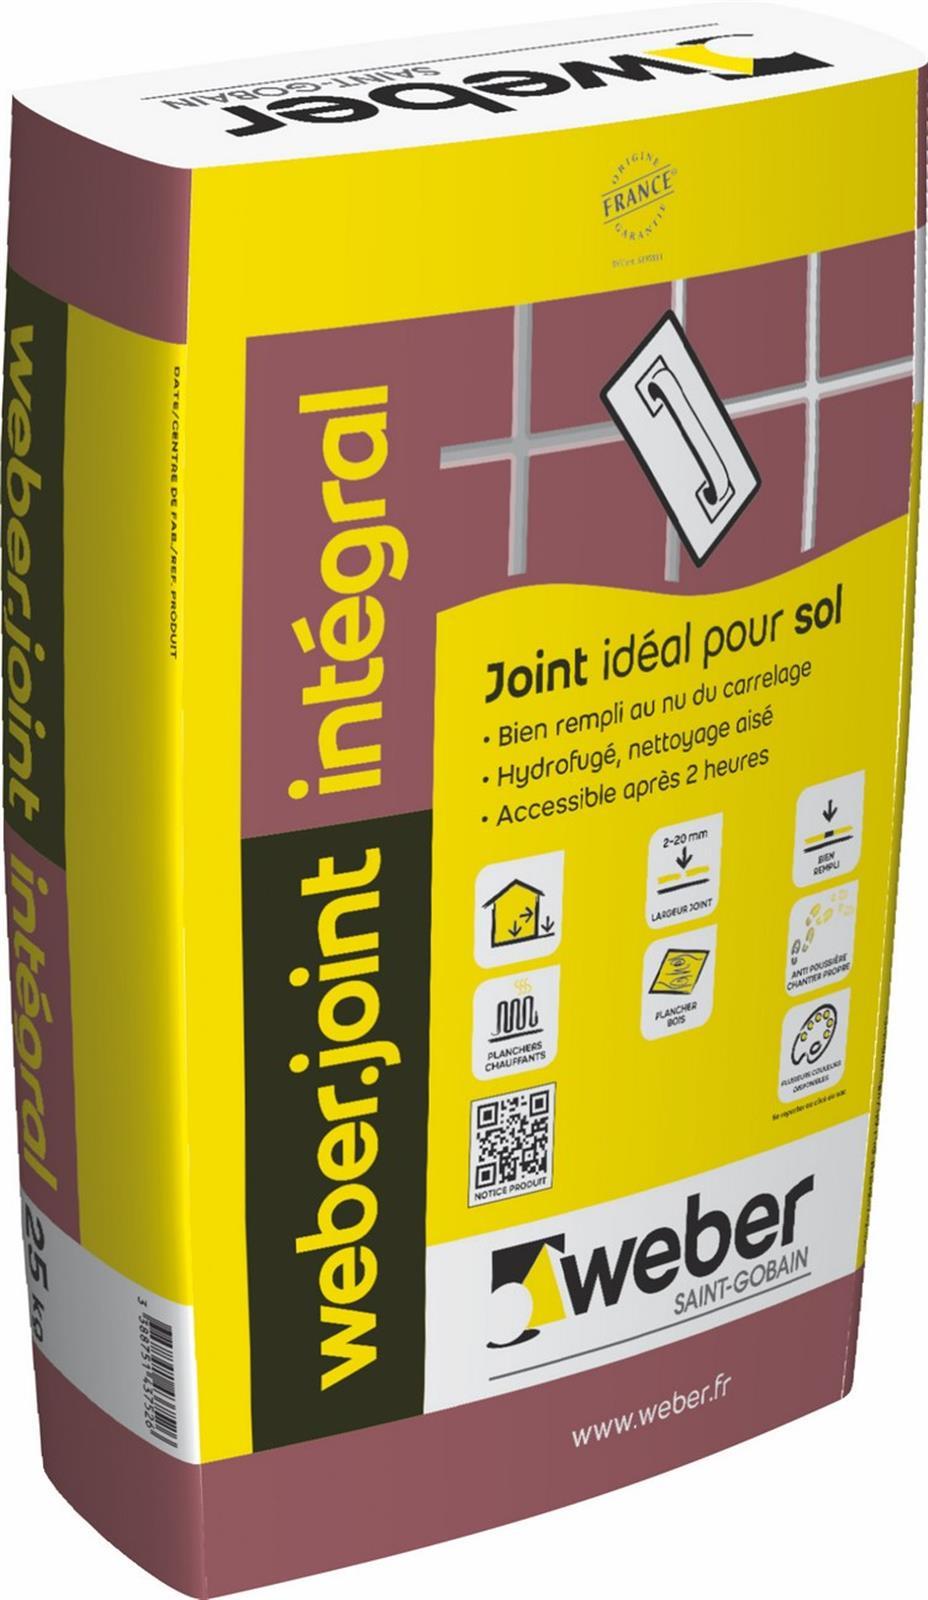 Mortier pour joints de carrelage weber joint integral weber - Outil pour retirer joint carrelage ...